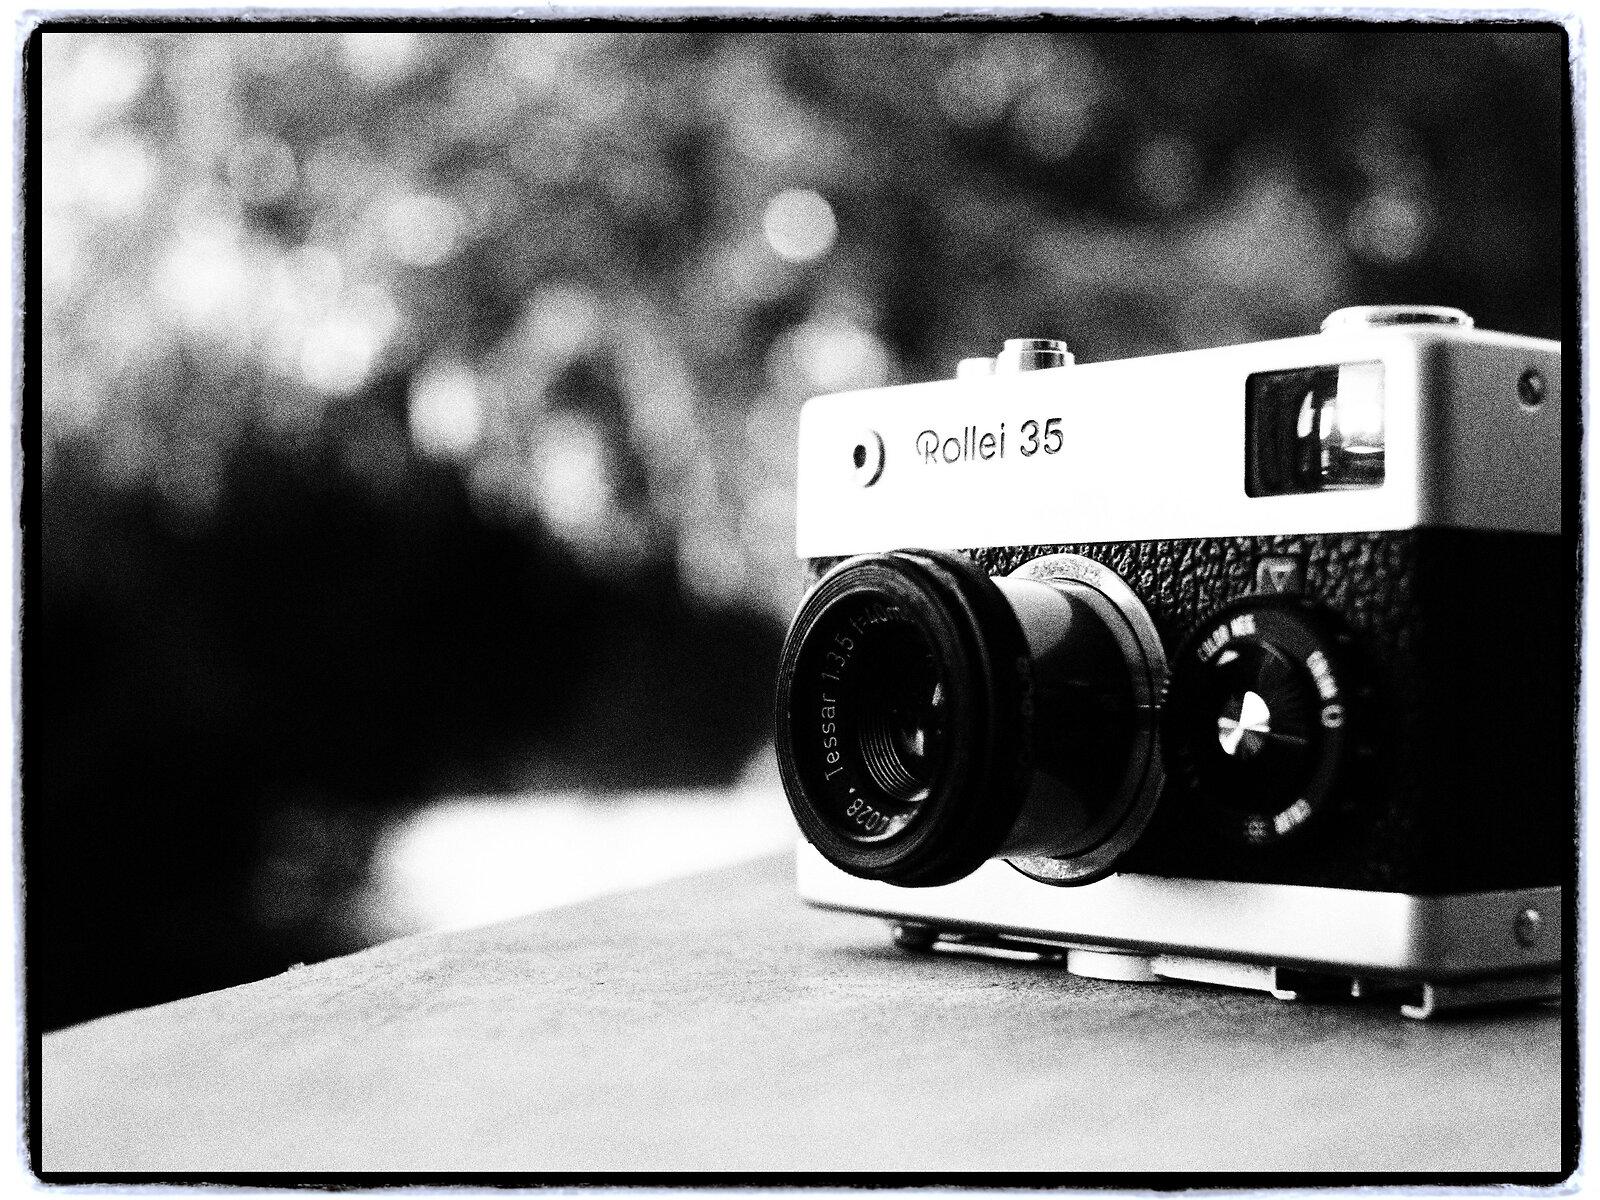 EP3_July21_Rollei35_f4(GrainyFilm).jpg